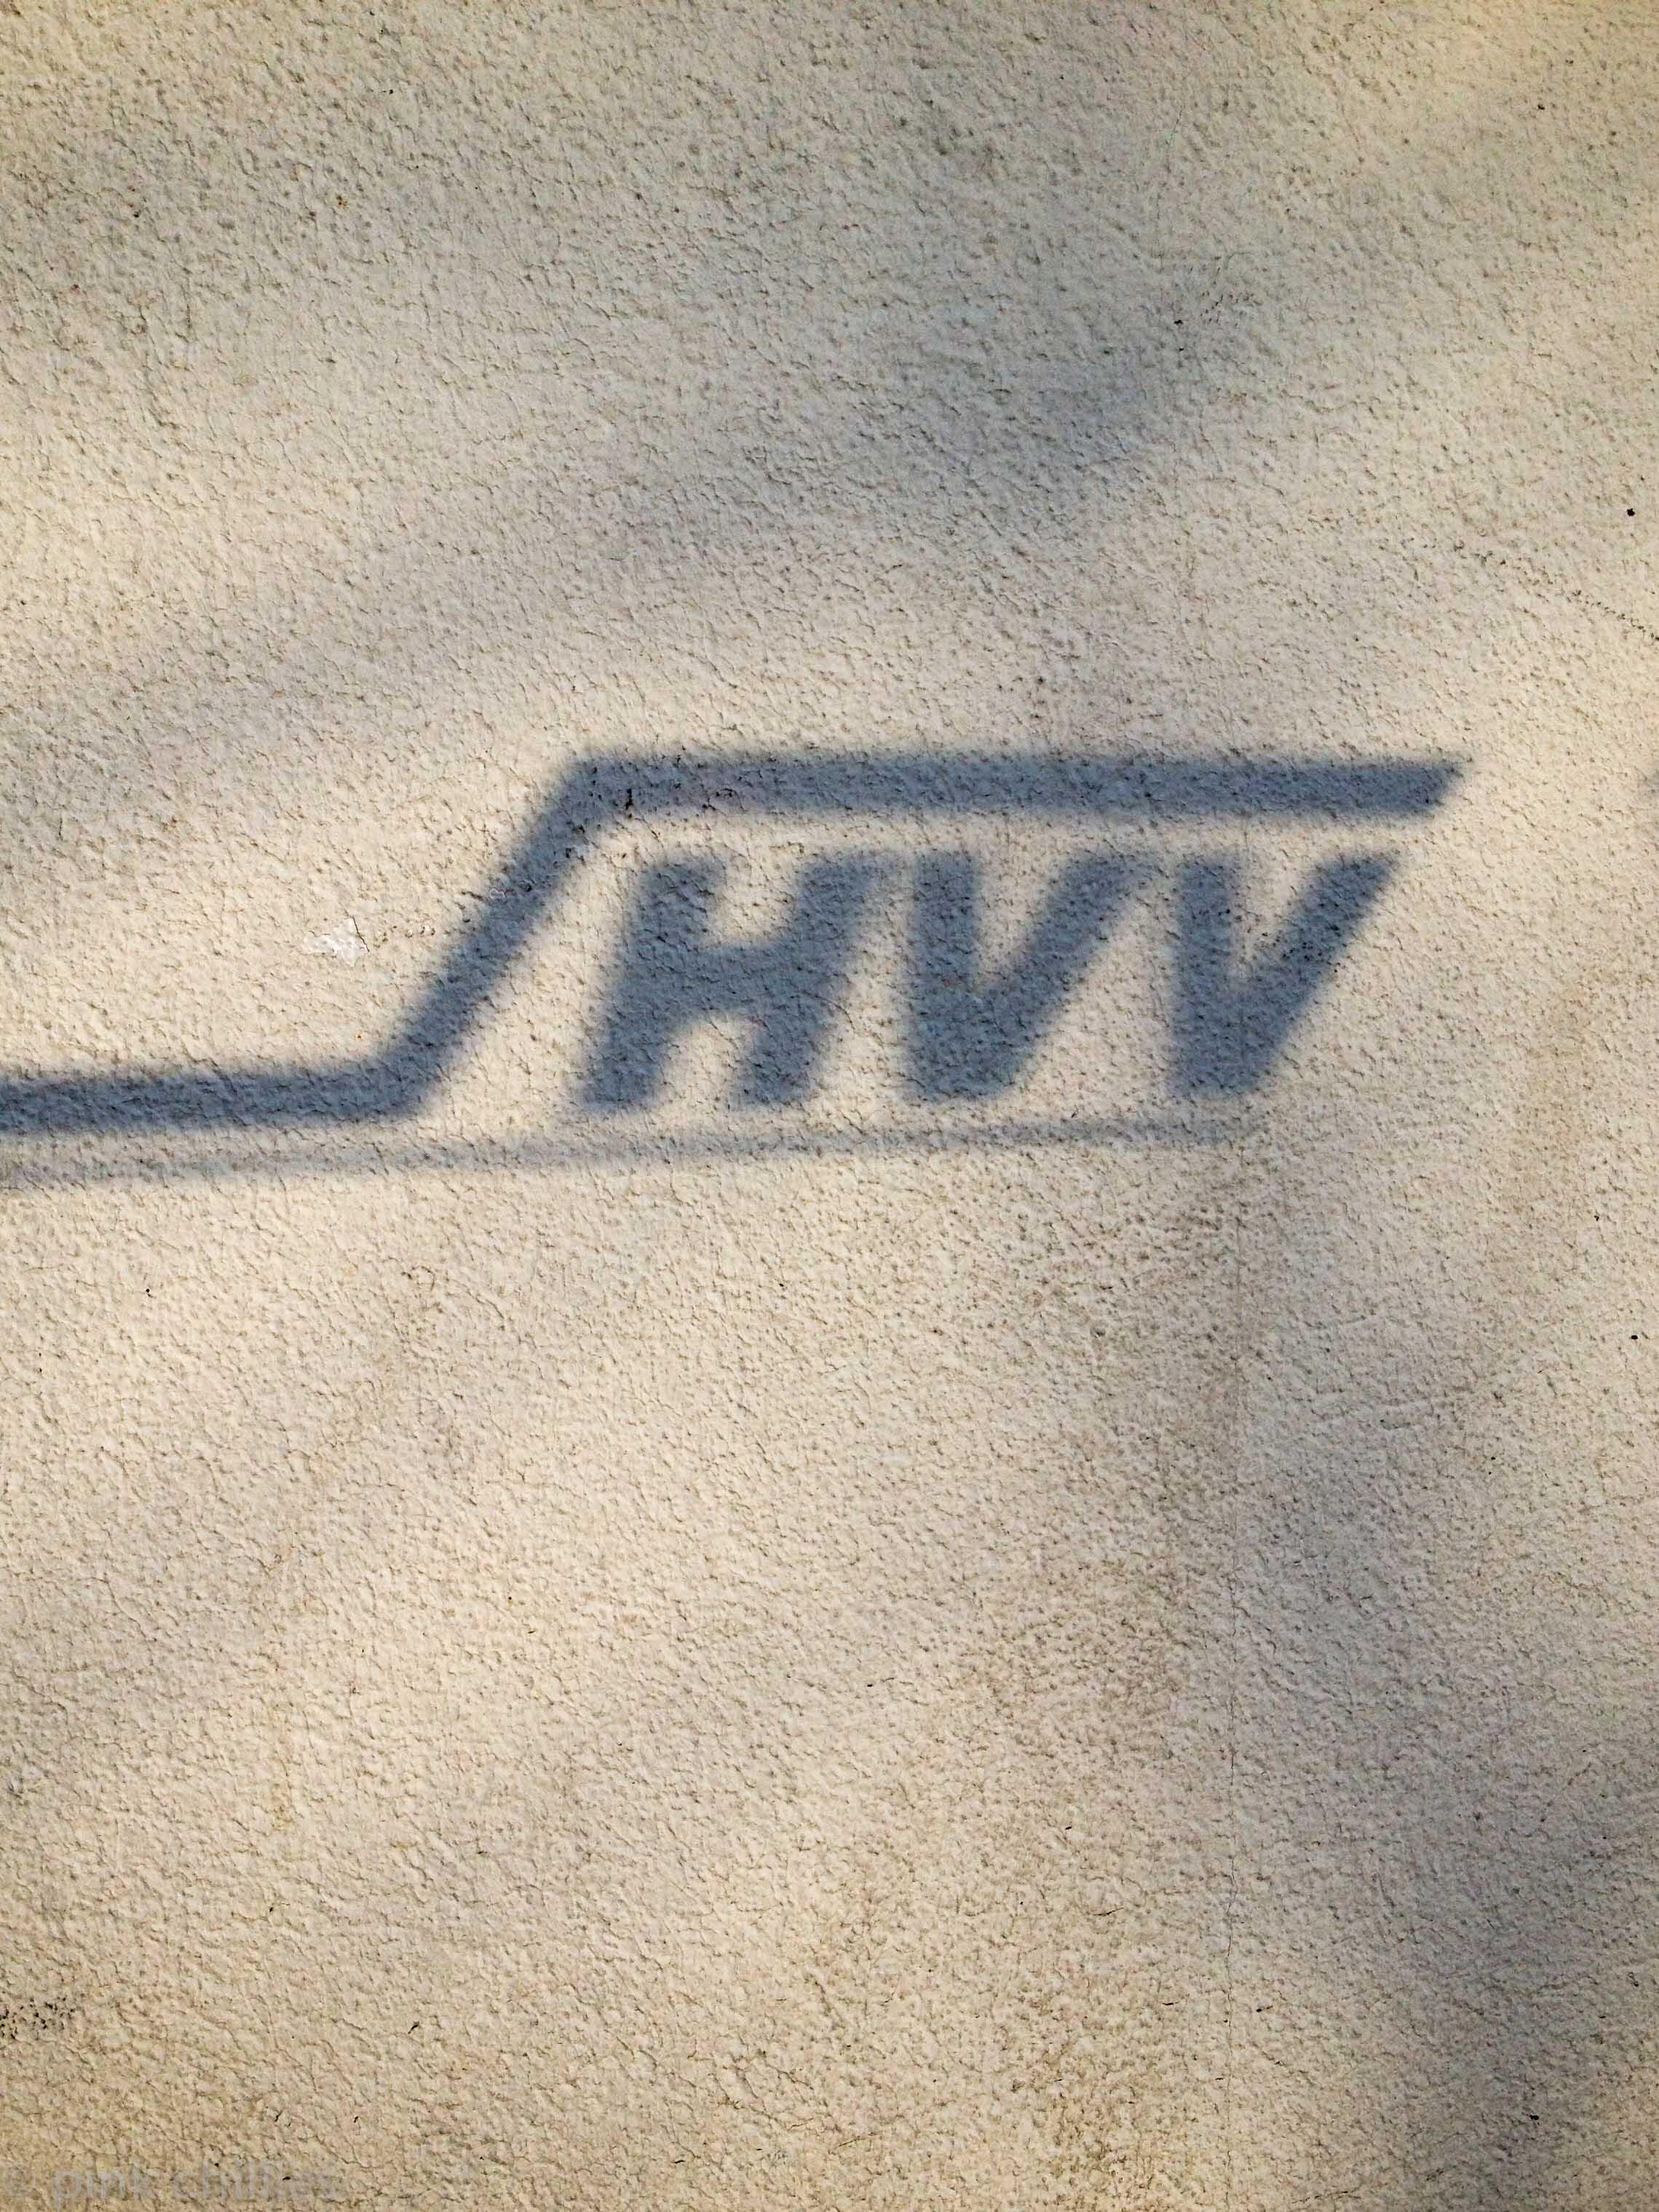 Schattenspiele HVV